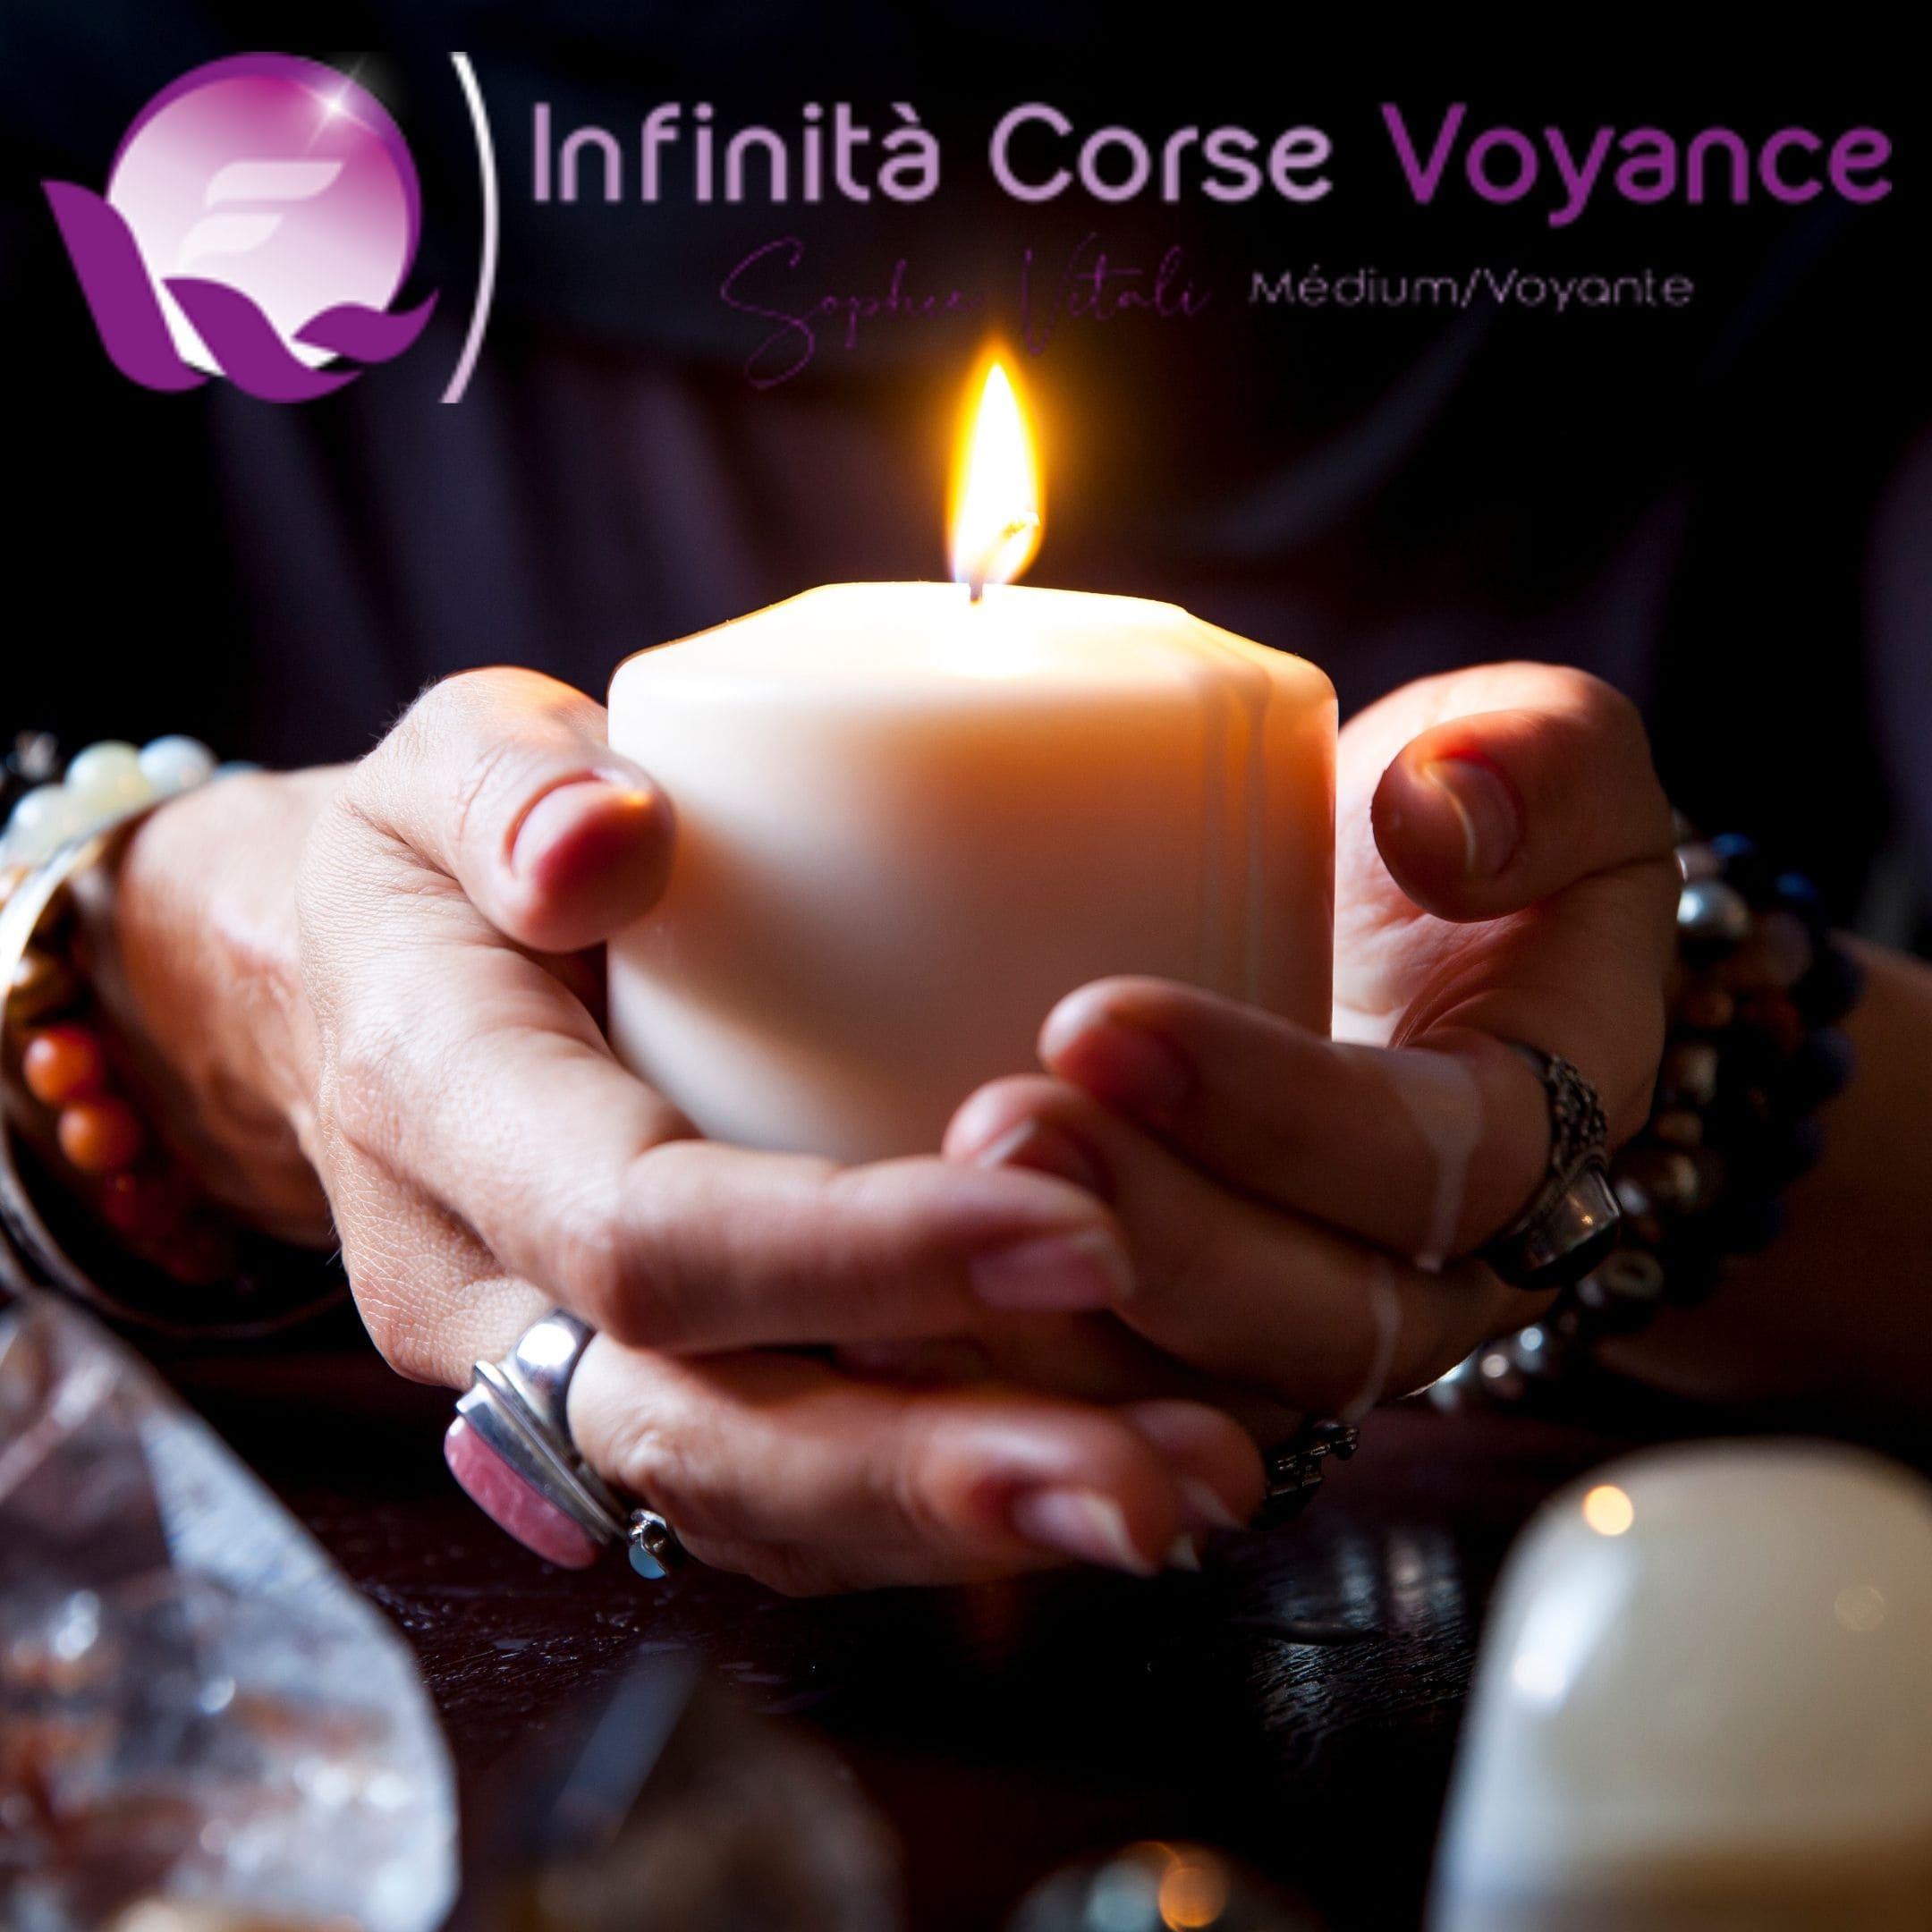 La céromancie où l'art de lire l'avenir dans les bougies. / Le blog de Sophie